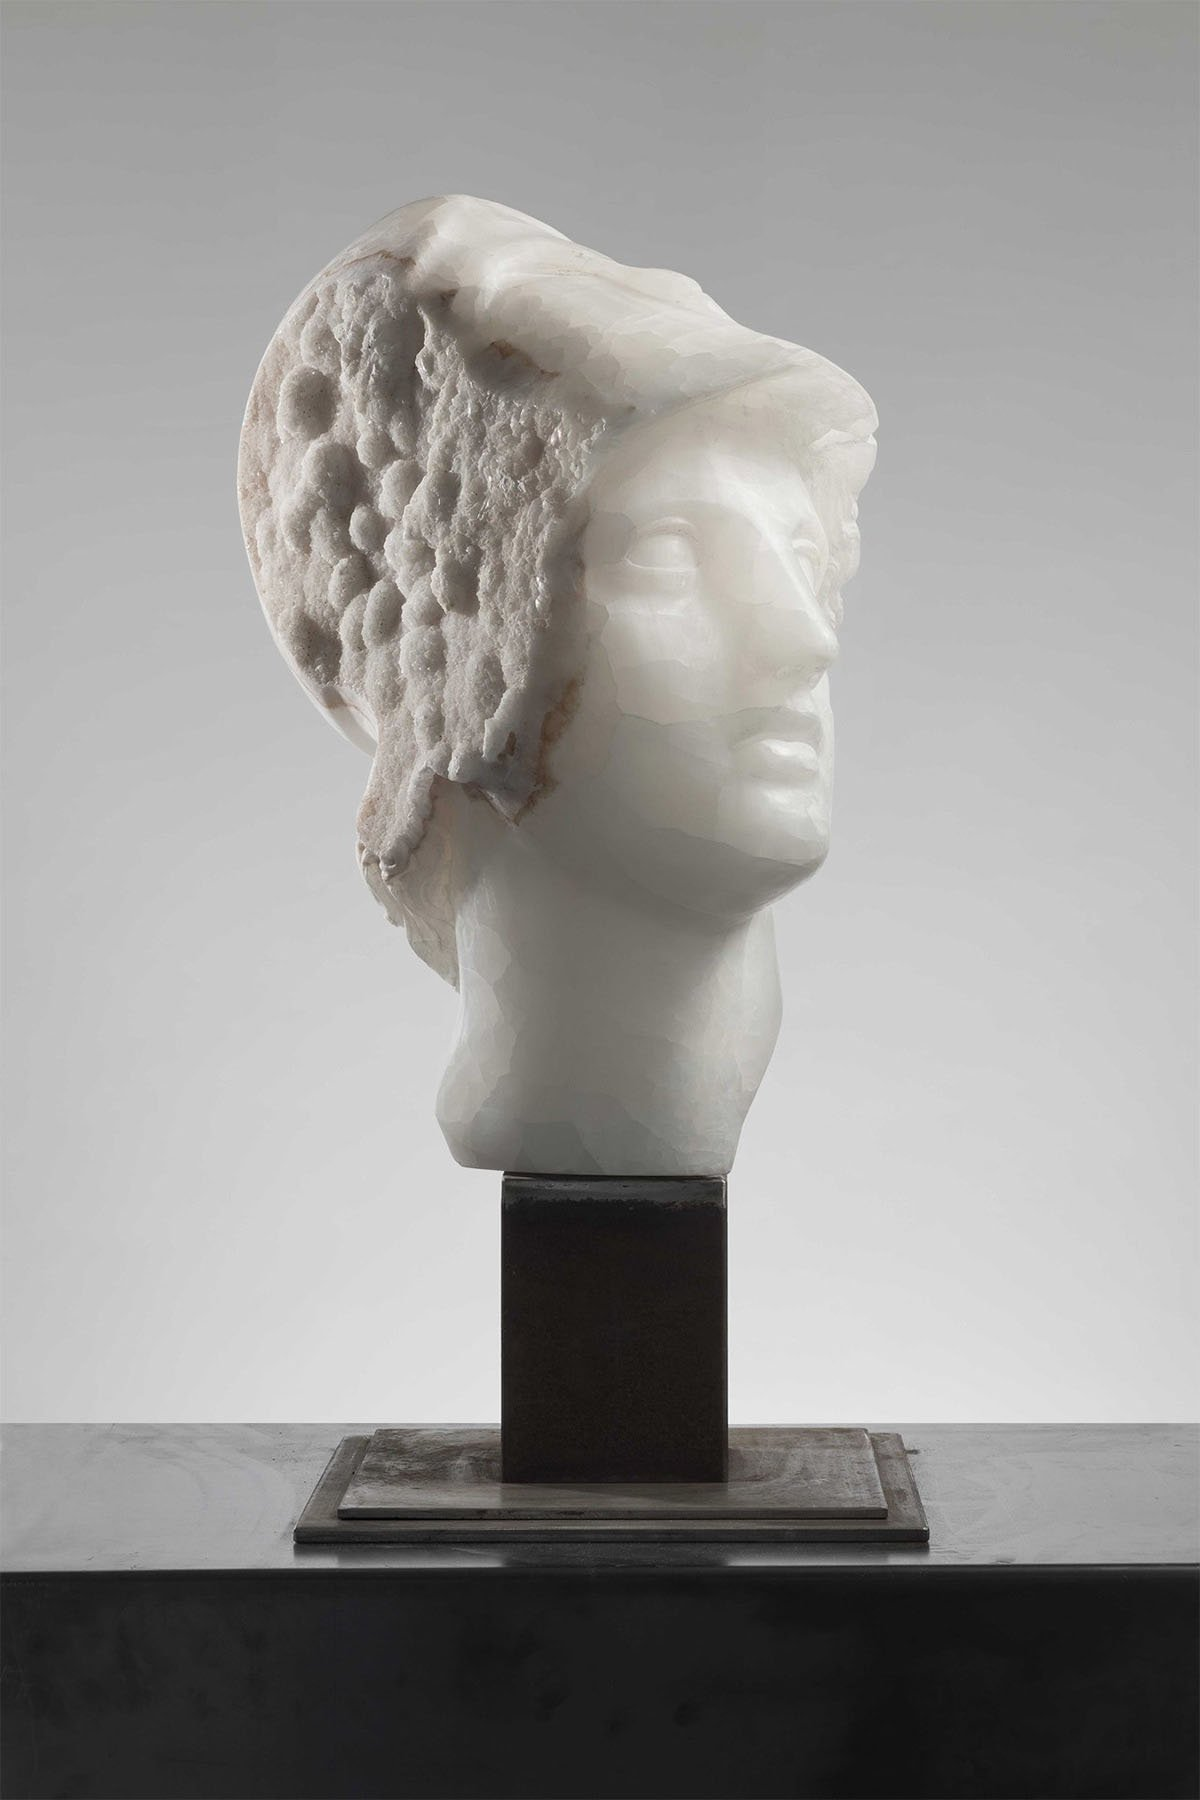 iGNANT_Art_Massimilianio_Pelletti_Ancient_Sculptures_5